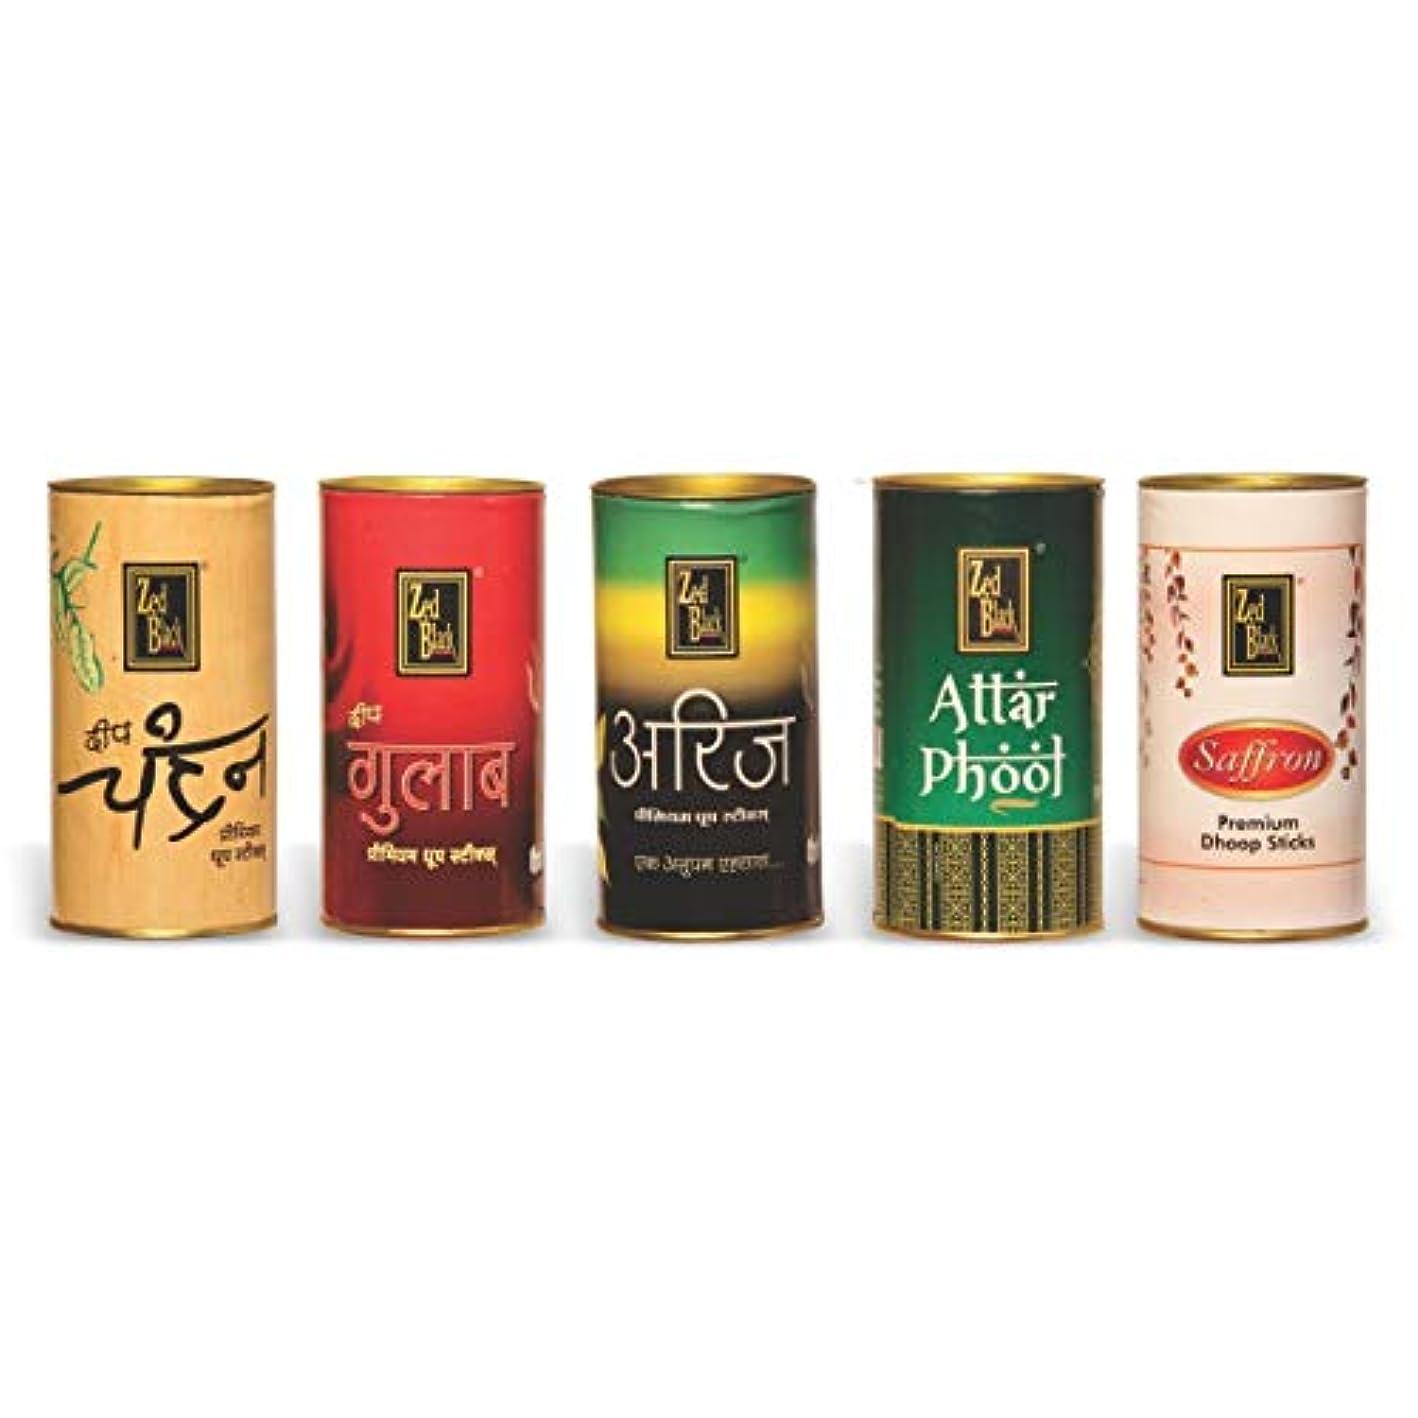 驚いたことにマチュピチュヒューマニスティックZed Black Natural Deep-Chandan, Deep-Gulab, Arij, Attar Phool and Saffron Incense Dhoop Sticks Tin - Combo of...